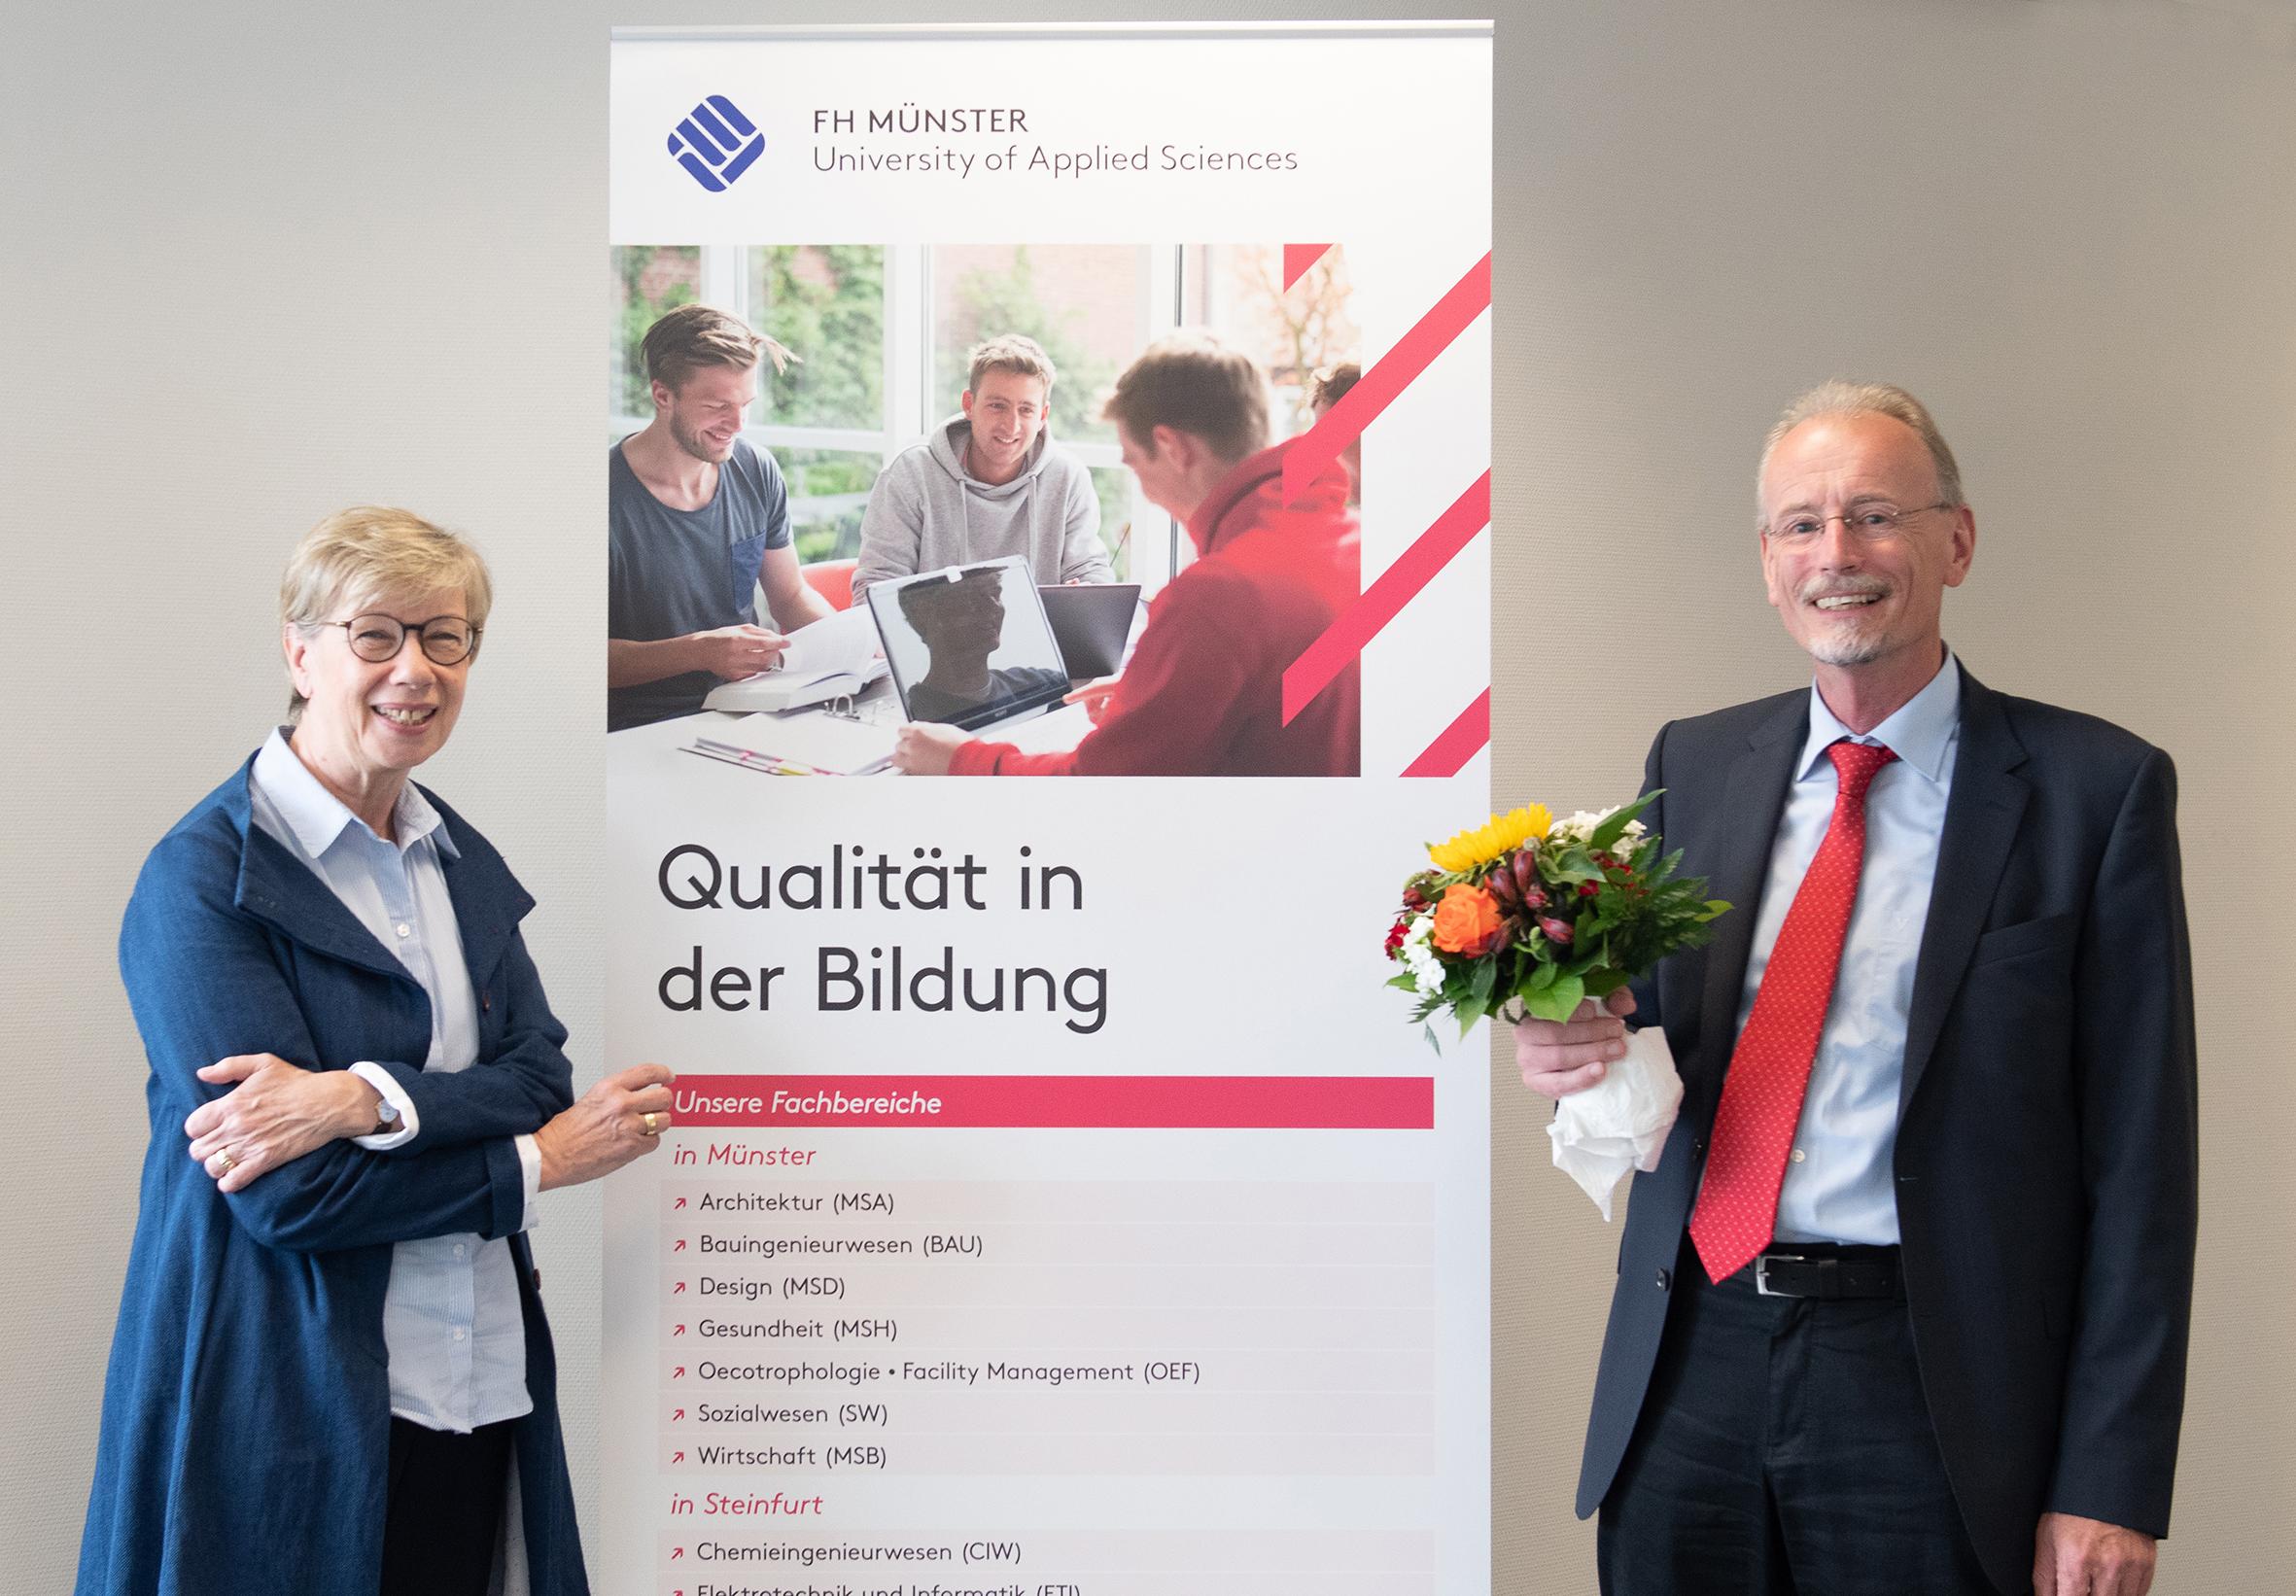 Prof. Dr.-Ing. Peter Baumann und FH-Präsidentin Prof. Dr. Ute von Lojewski